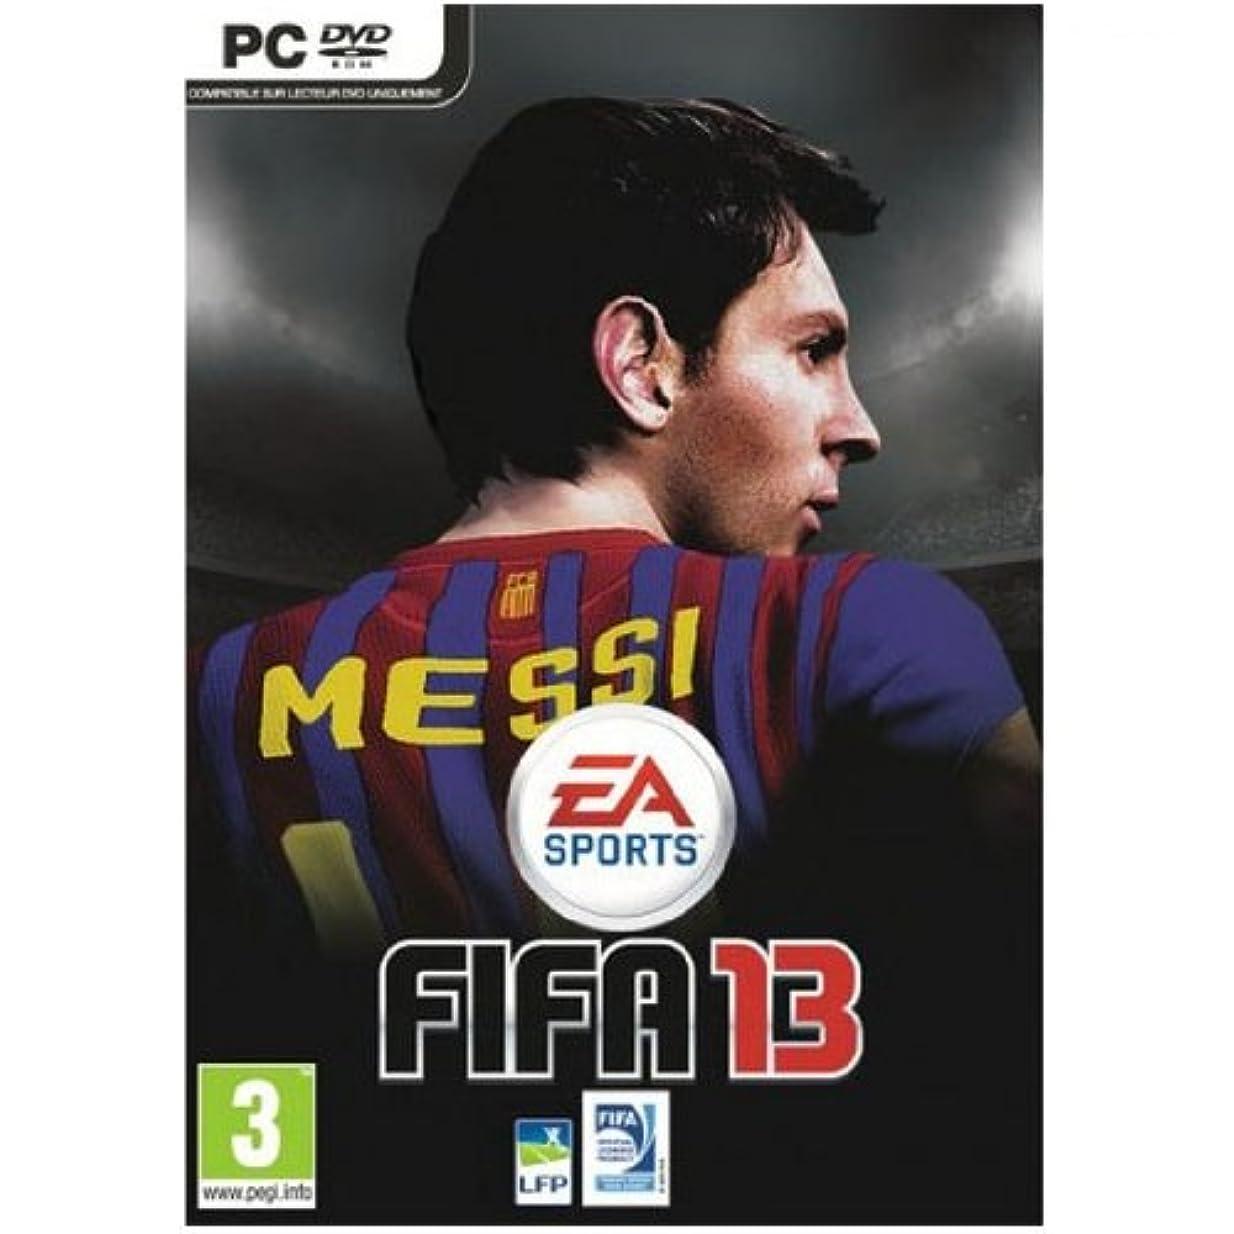 間隔文明付与PC FIFA 13 アジア版